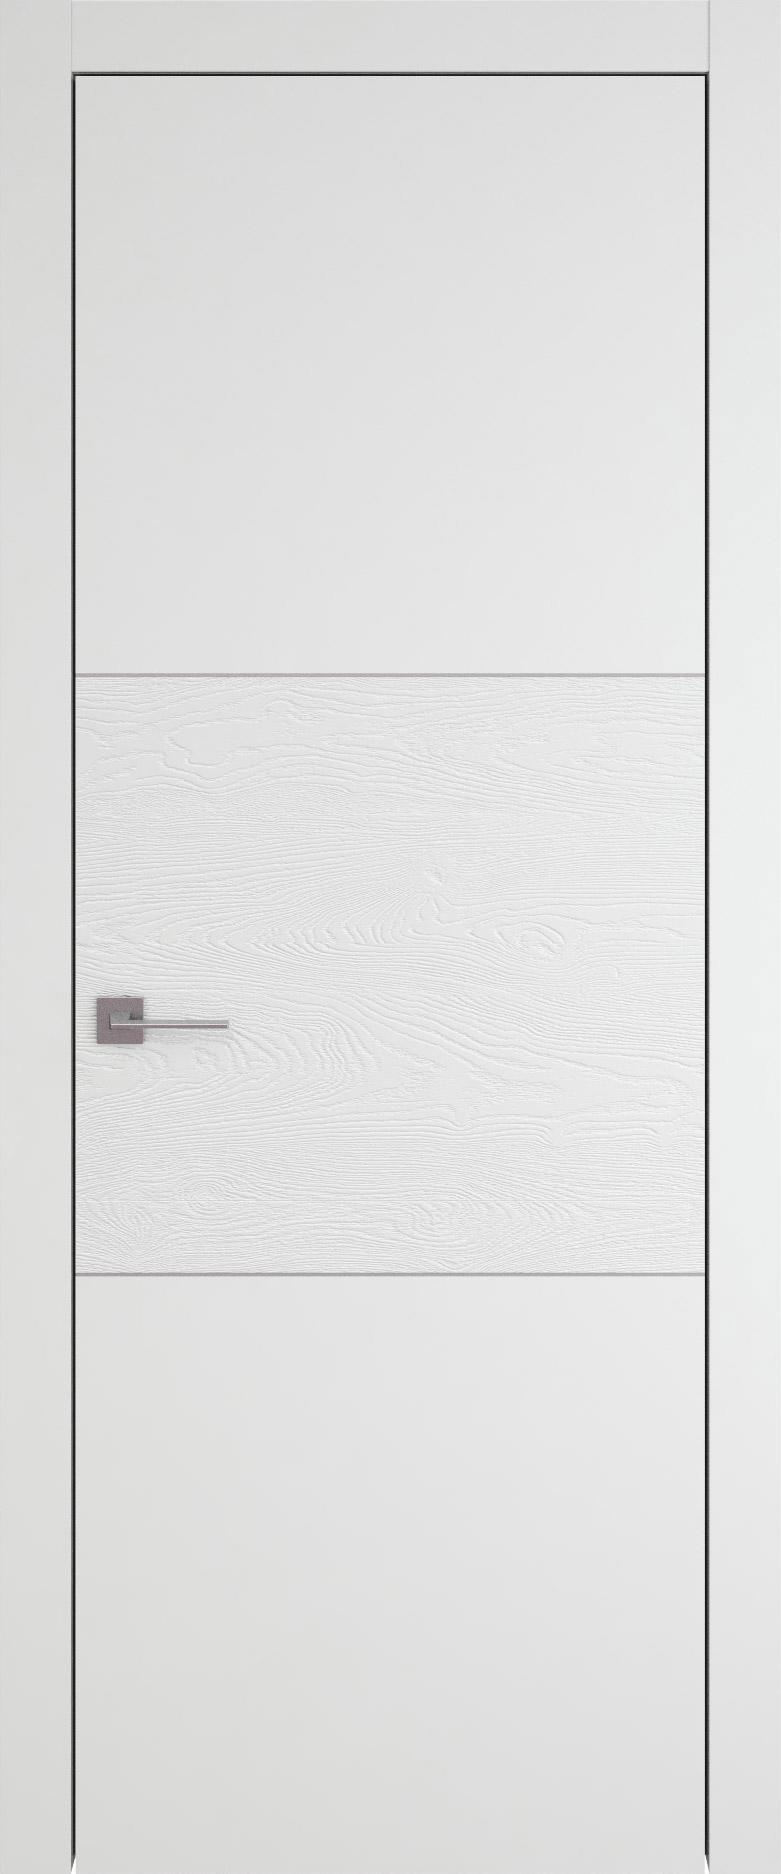 Tivoli В-2 цвет - Белая эмаль-эмаль по шпону (RAL 9003) Без стекла (ДГ)